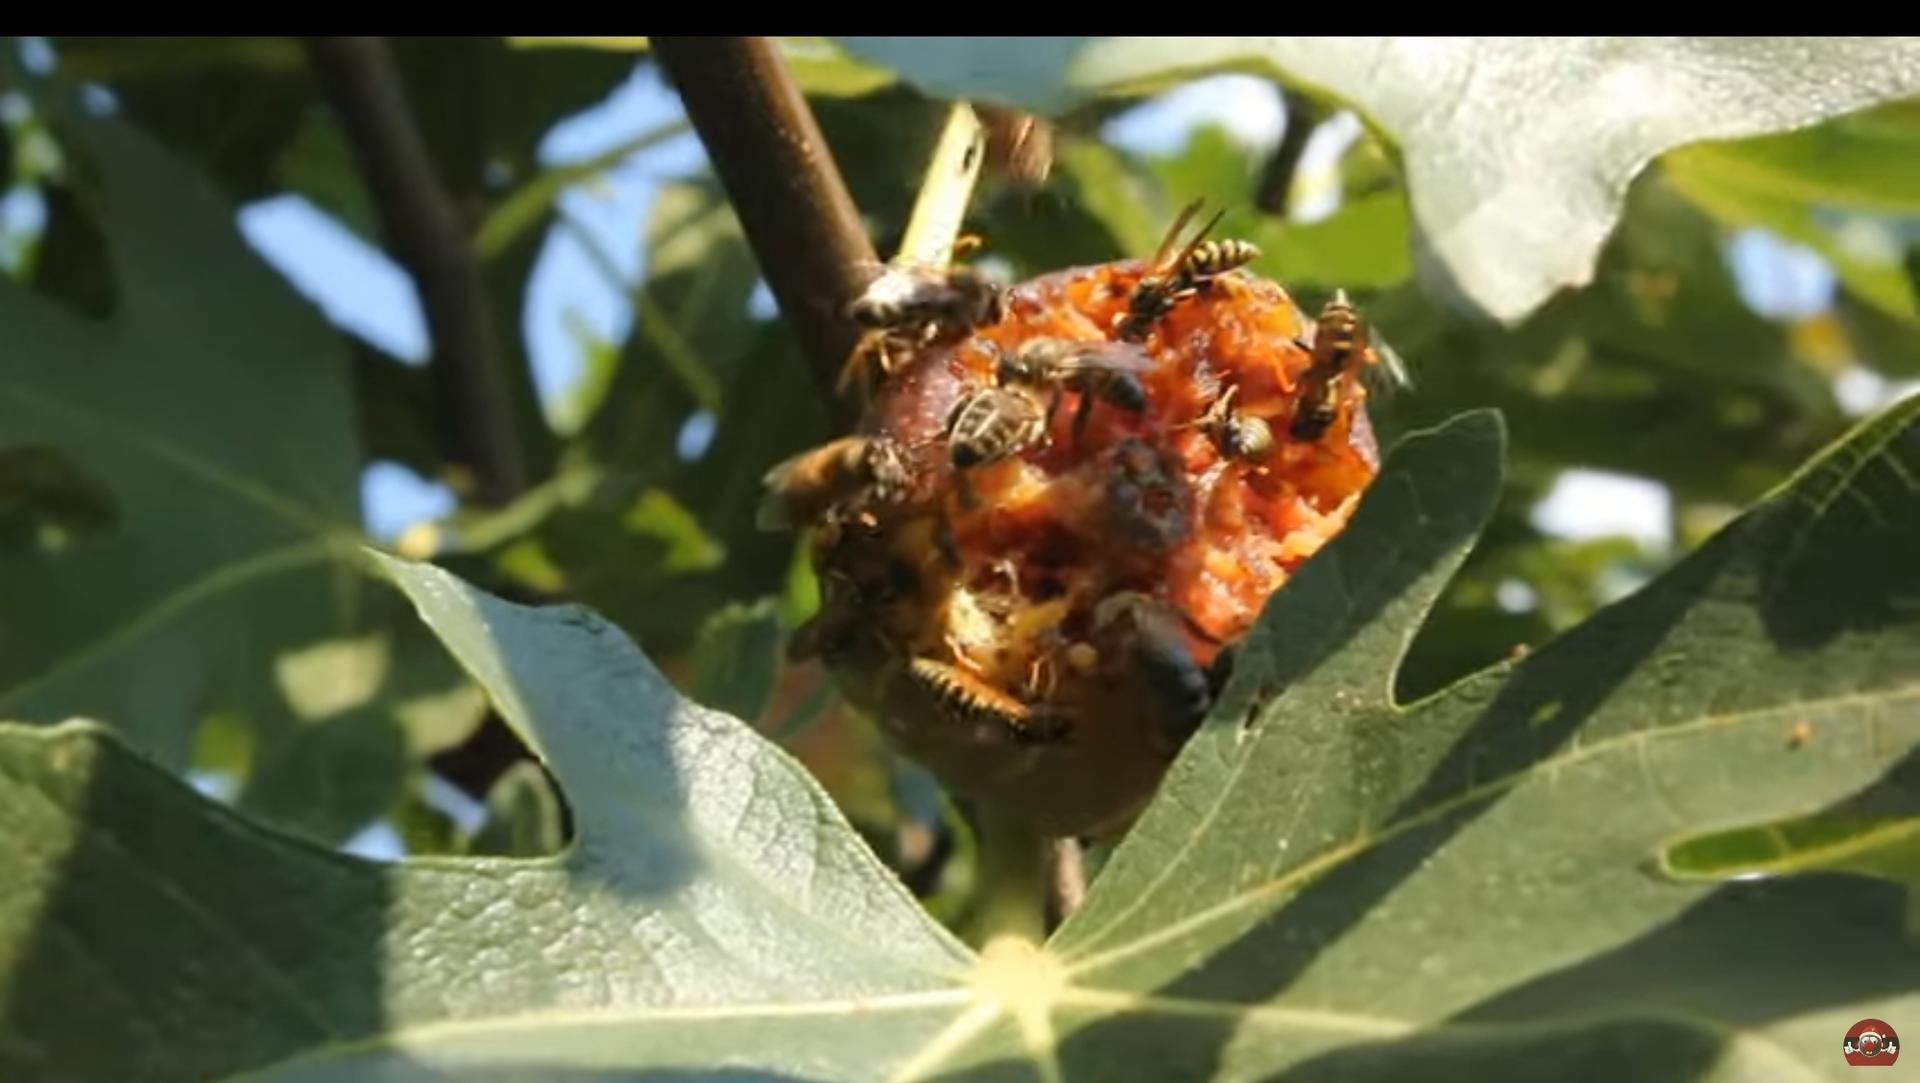 Škodcovia,alebo pomocníci,takto včely a... - Obrázok č. 2